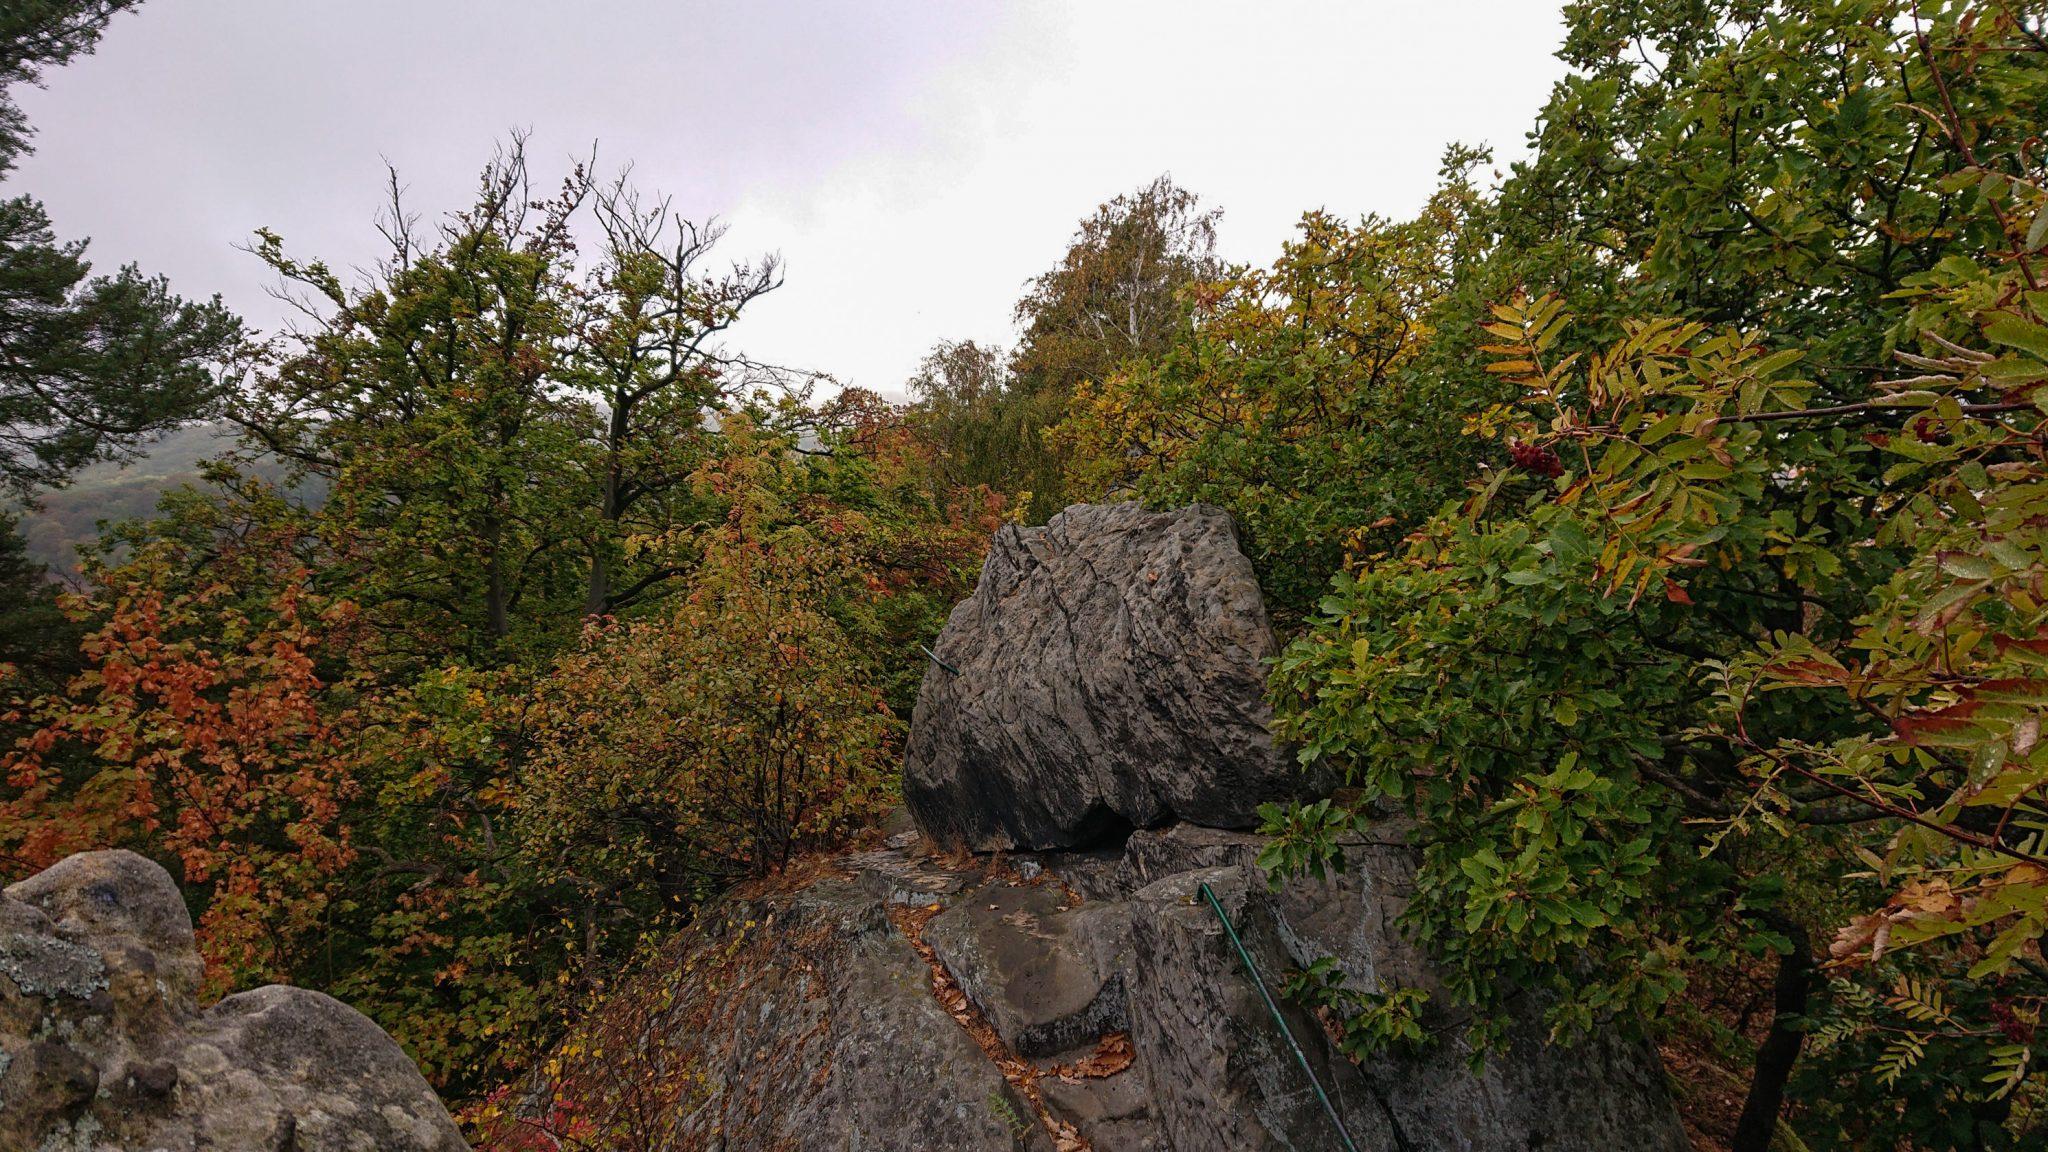 Rundwanderung auf der Blankenburger Teufelsmauer, Felsformation, Stufen in Stein geschlagen mit Trittsicherung, angrenzender Wald, Laub in Herbstfarben, große Steine